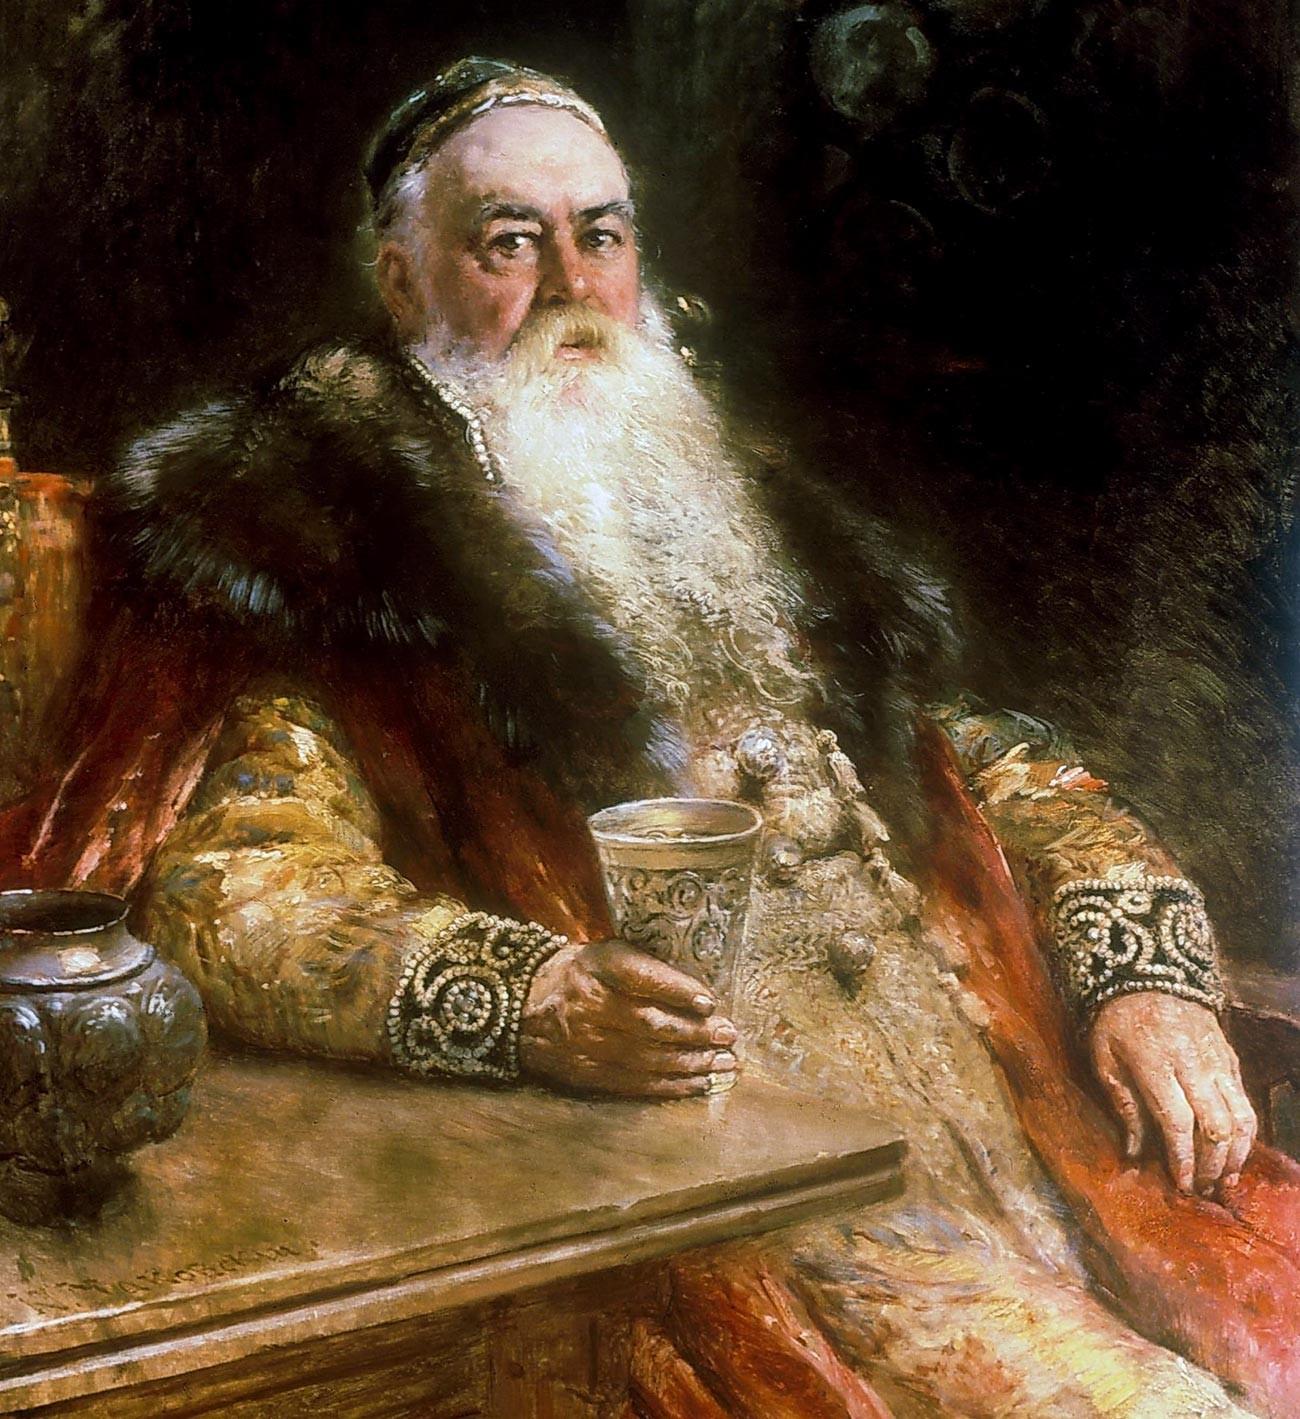 Un boiardo russo in una shuba. Da notare che il boiardo indossa una shuba con il collo di pelliccia rivolto verso l'esterno